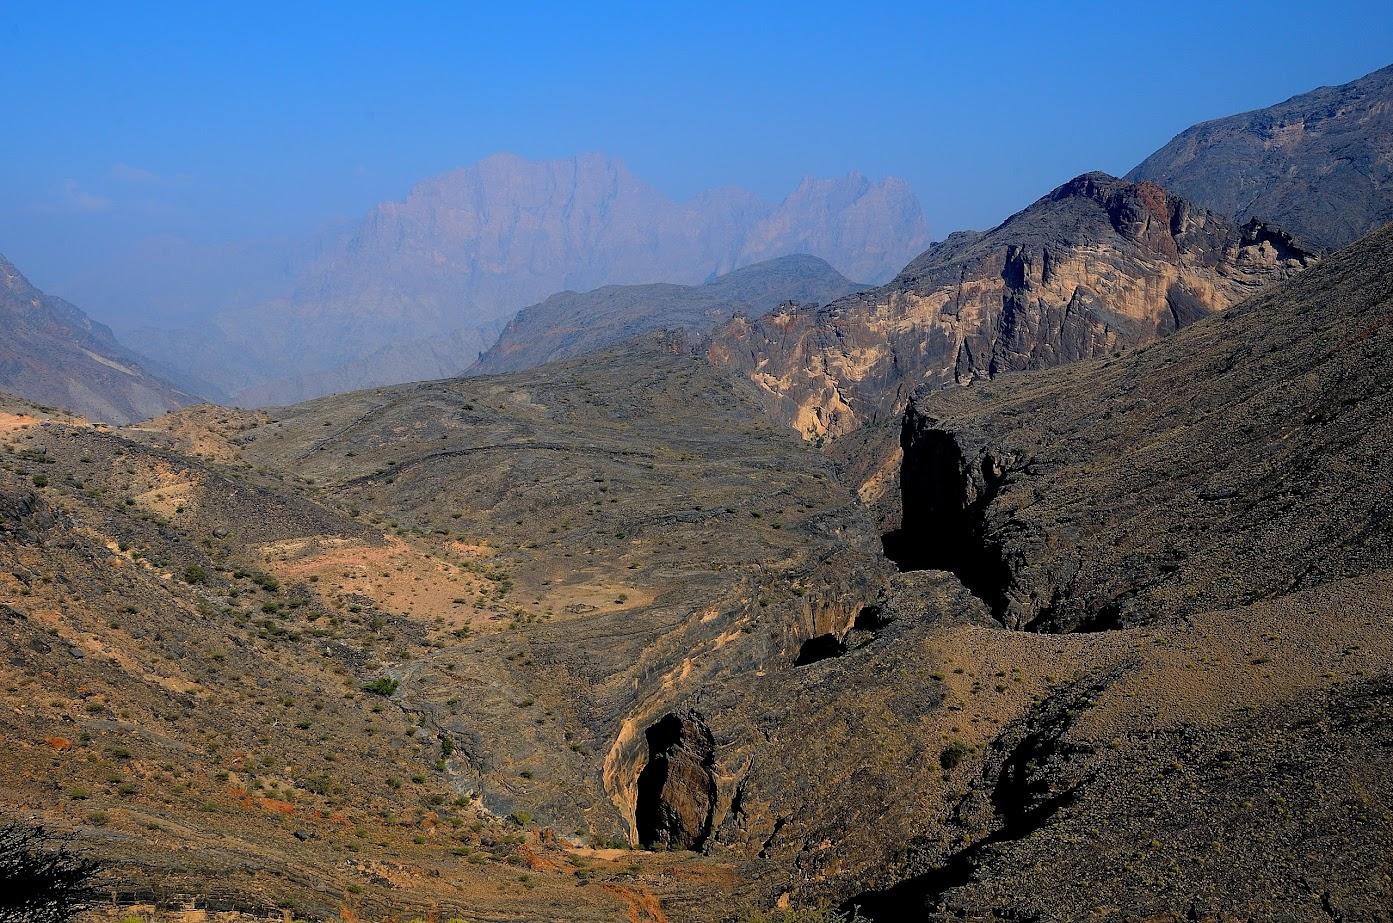 Snake tarpeklis - Wadi Bani Awf